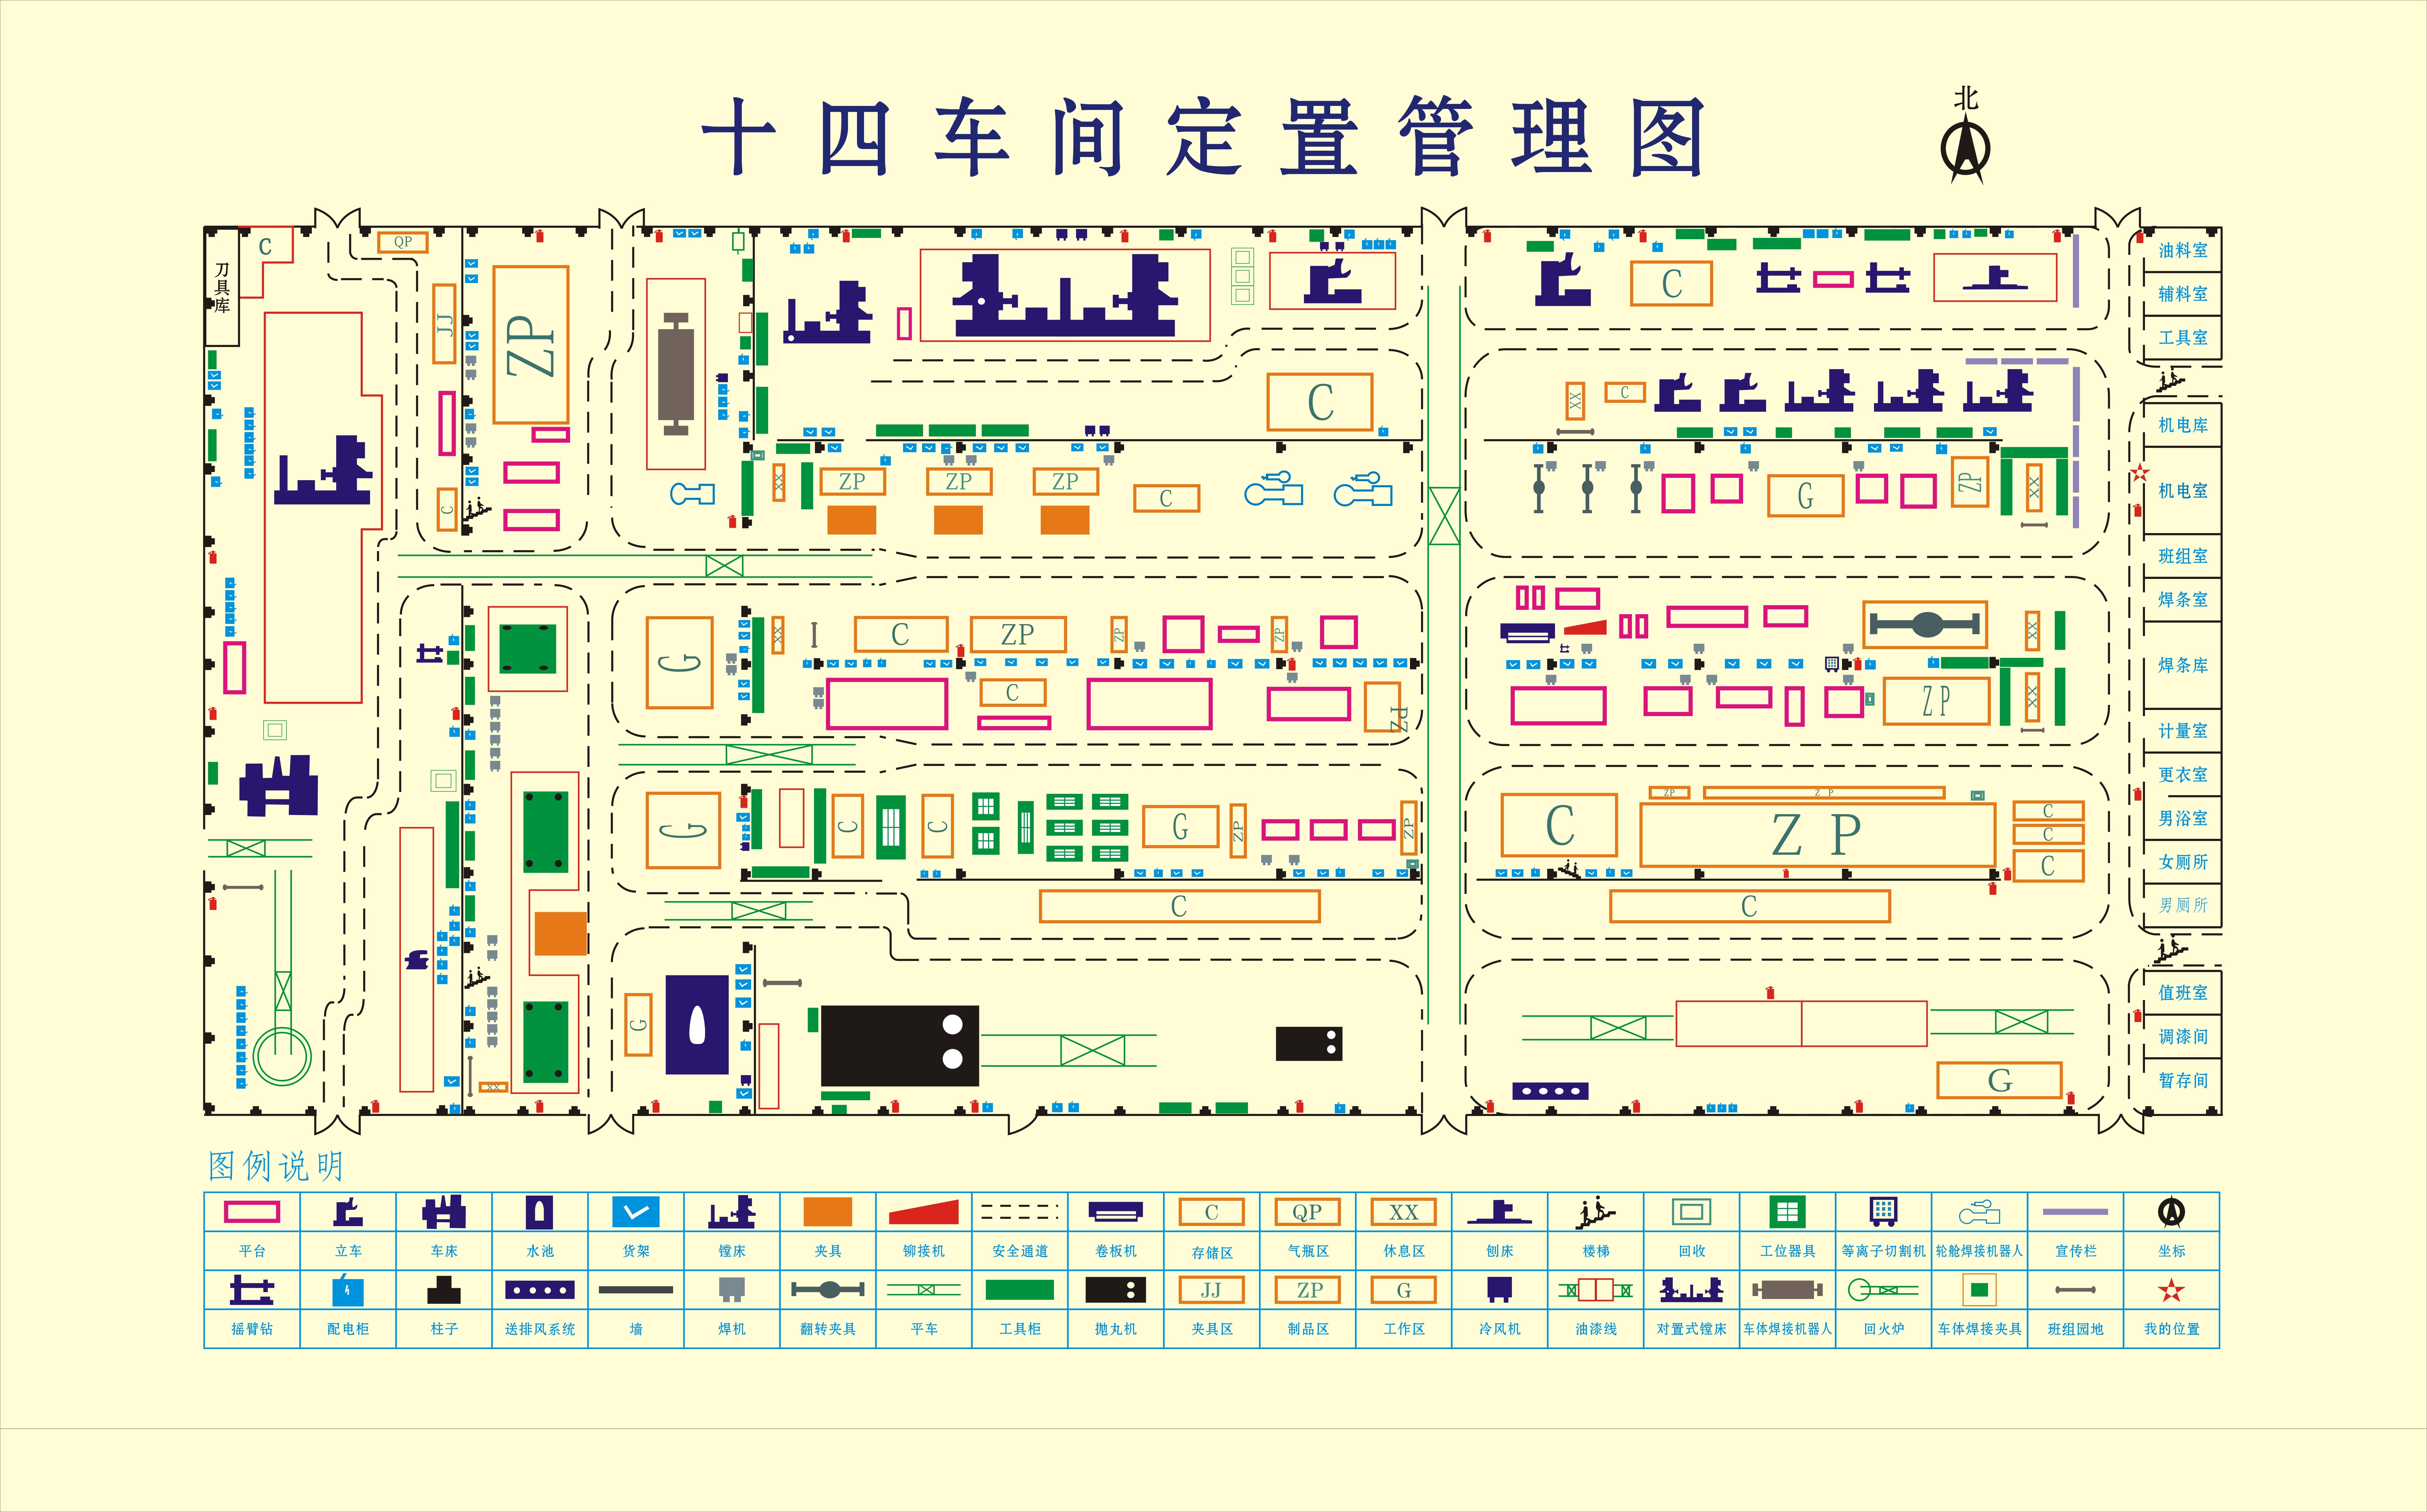 十四车间定置管理图